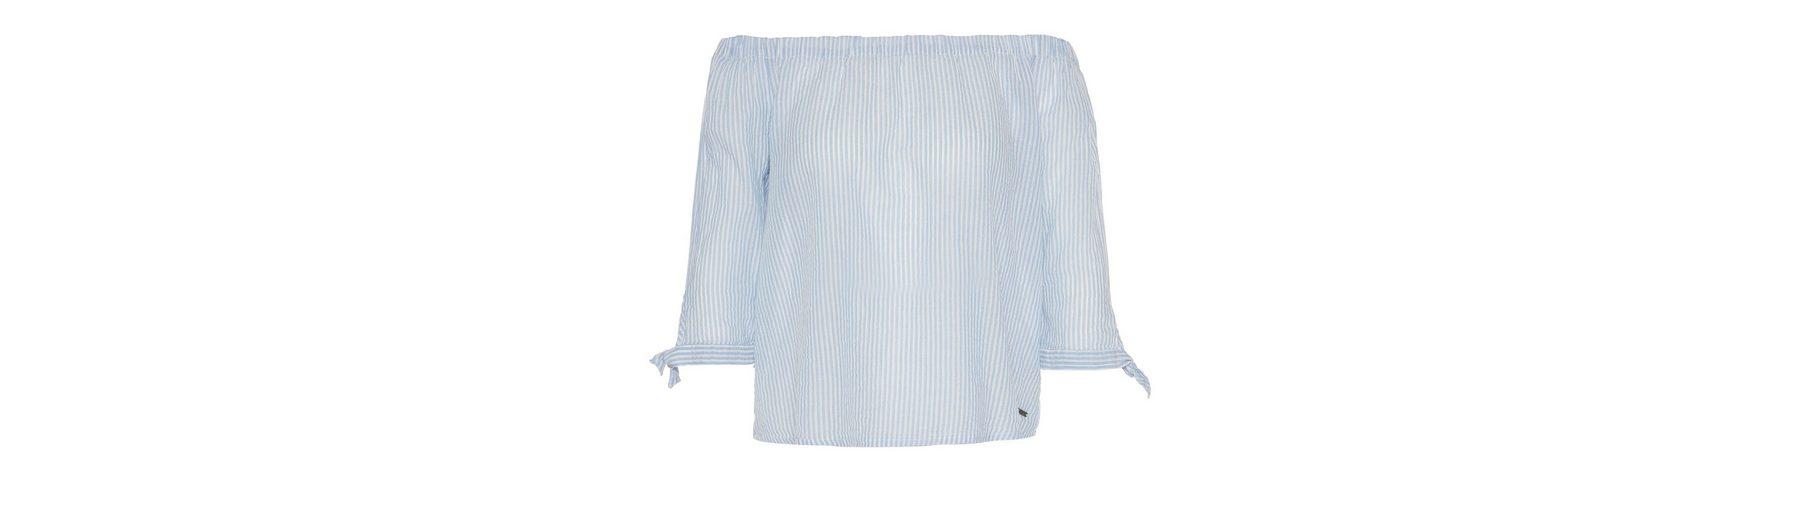 Neuer Günstiger Preis Outlet Beliebt Tom Tailor Denim Shirtbluse gestreifte Carmen-Bluse Auslass 2018 Unisex Günstig Kaufen Preise Mit Mastercard 7sGvwdD0